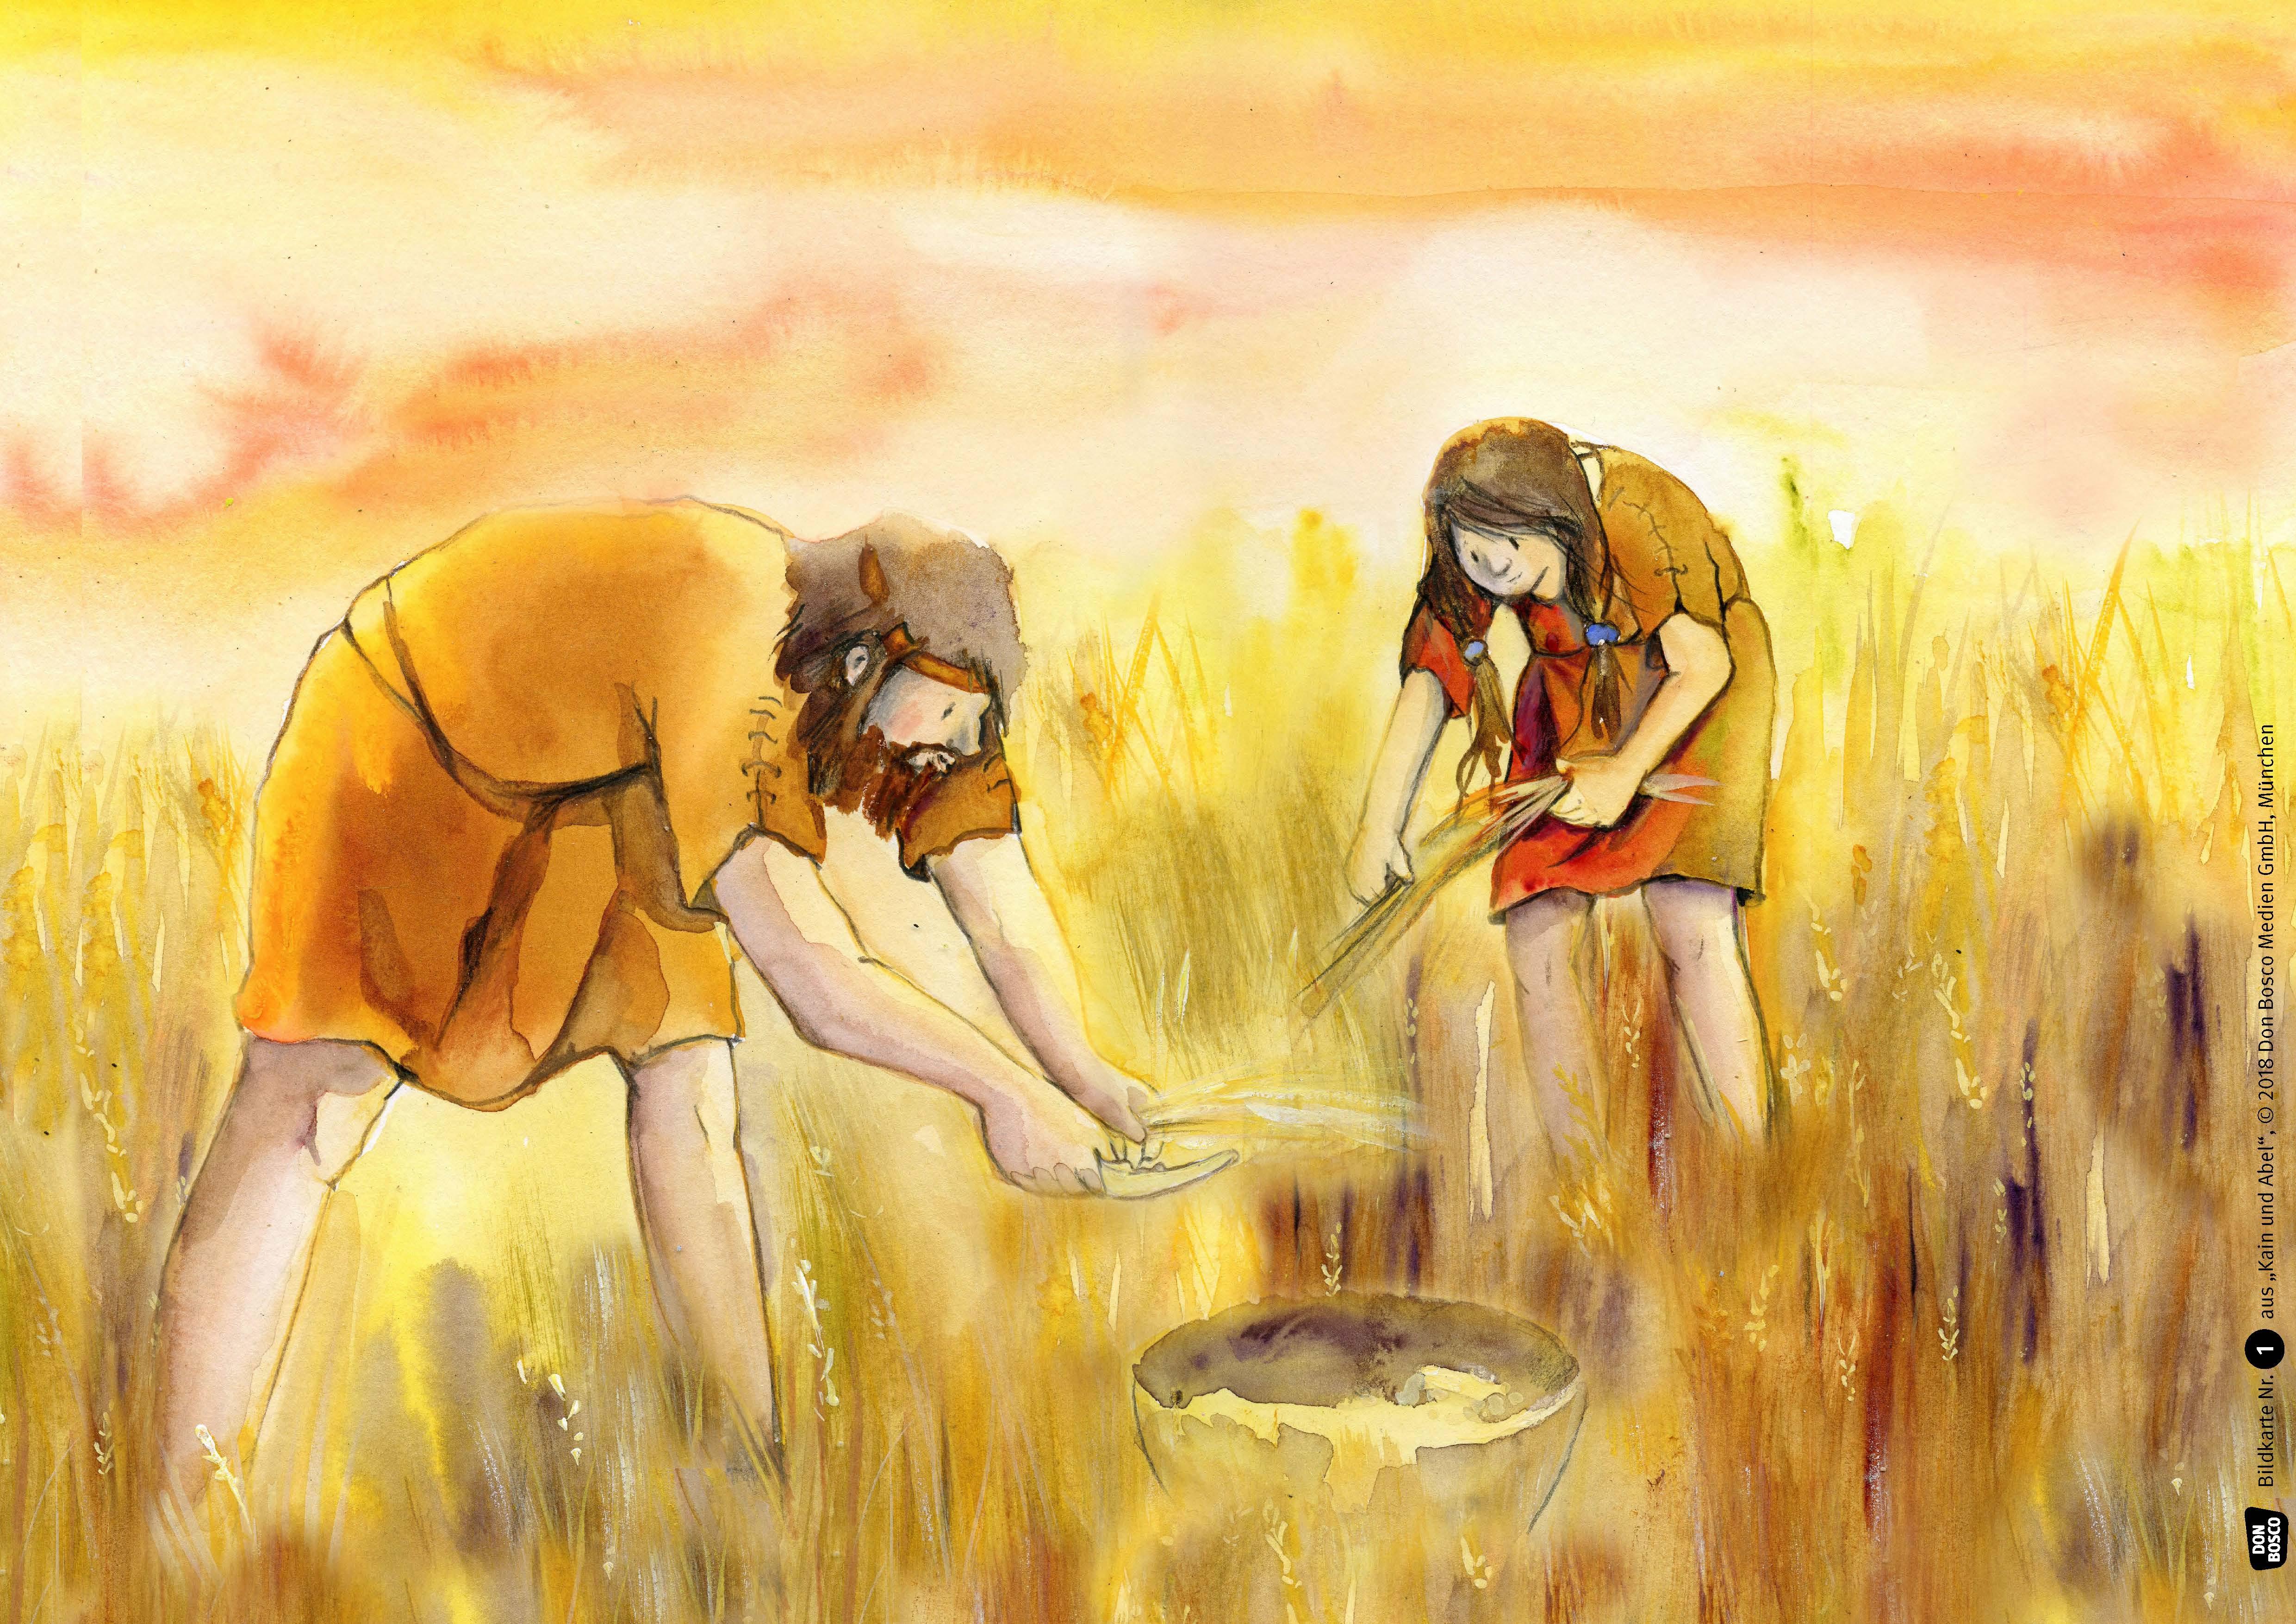 Innenansicht zu Kain und Abel. eKami.